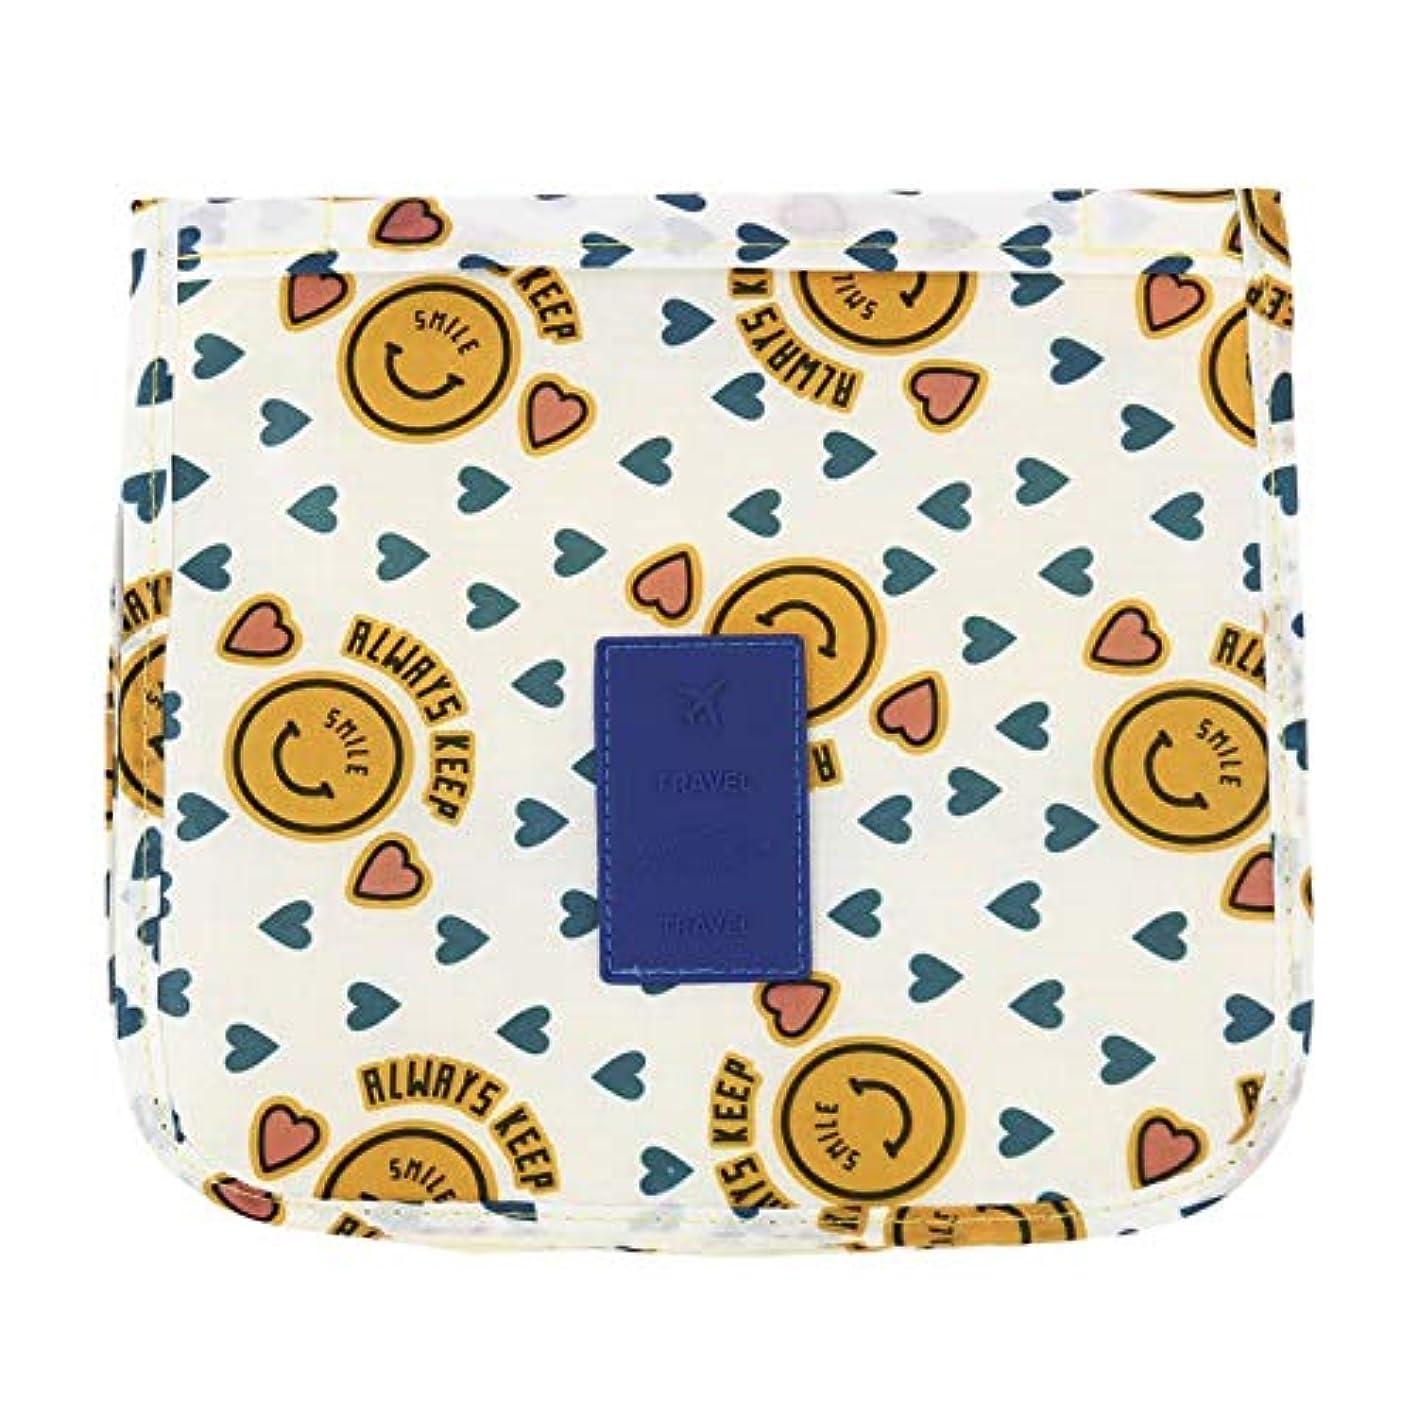 編集するサージ関数Wadachikis 例外的な女性ジッパーハンギング防水旅行トイレタリーの洗浄化粧品オーガナイザーバッグバッグ(None Picture Color)